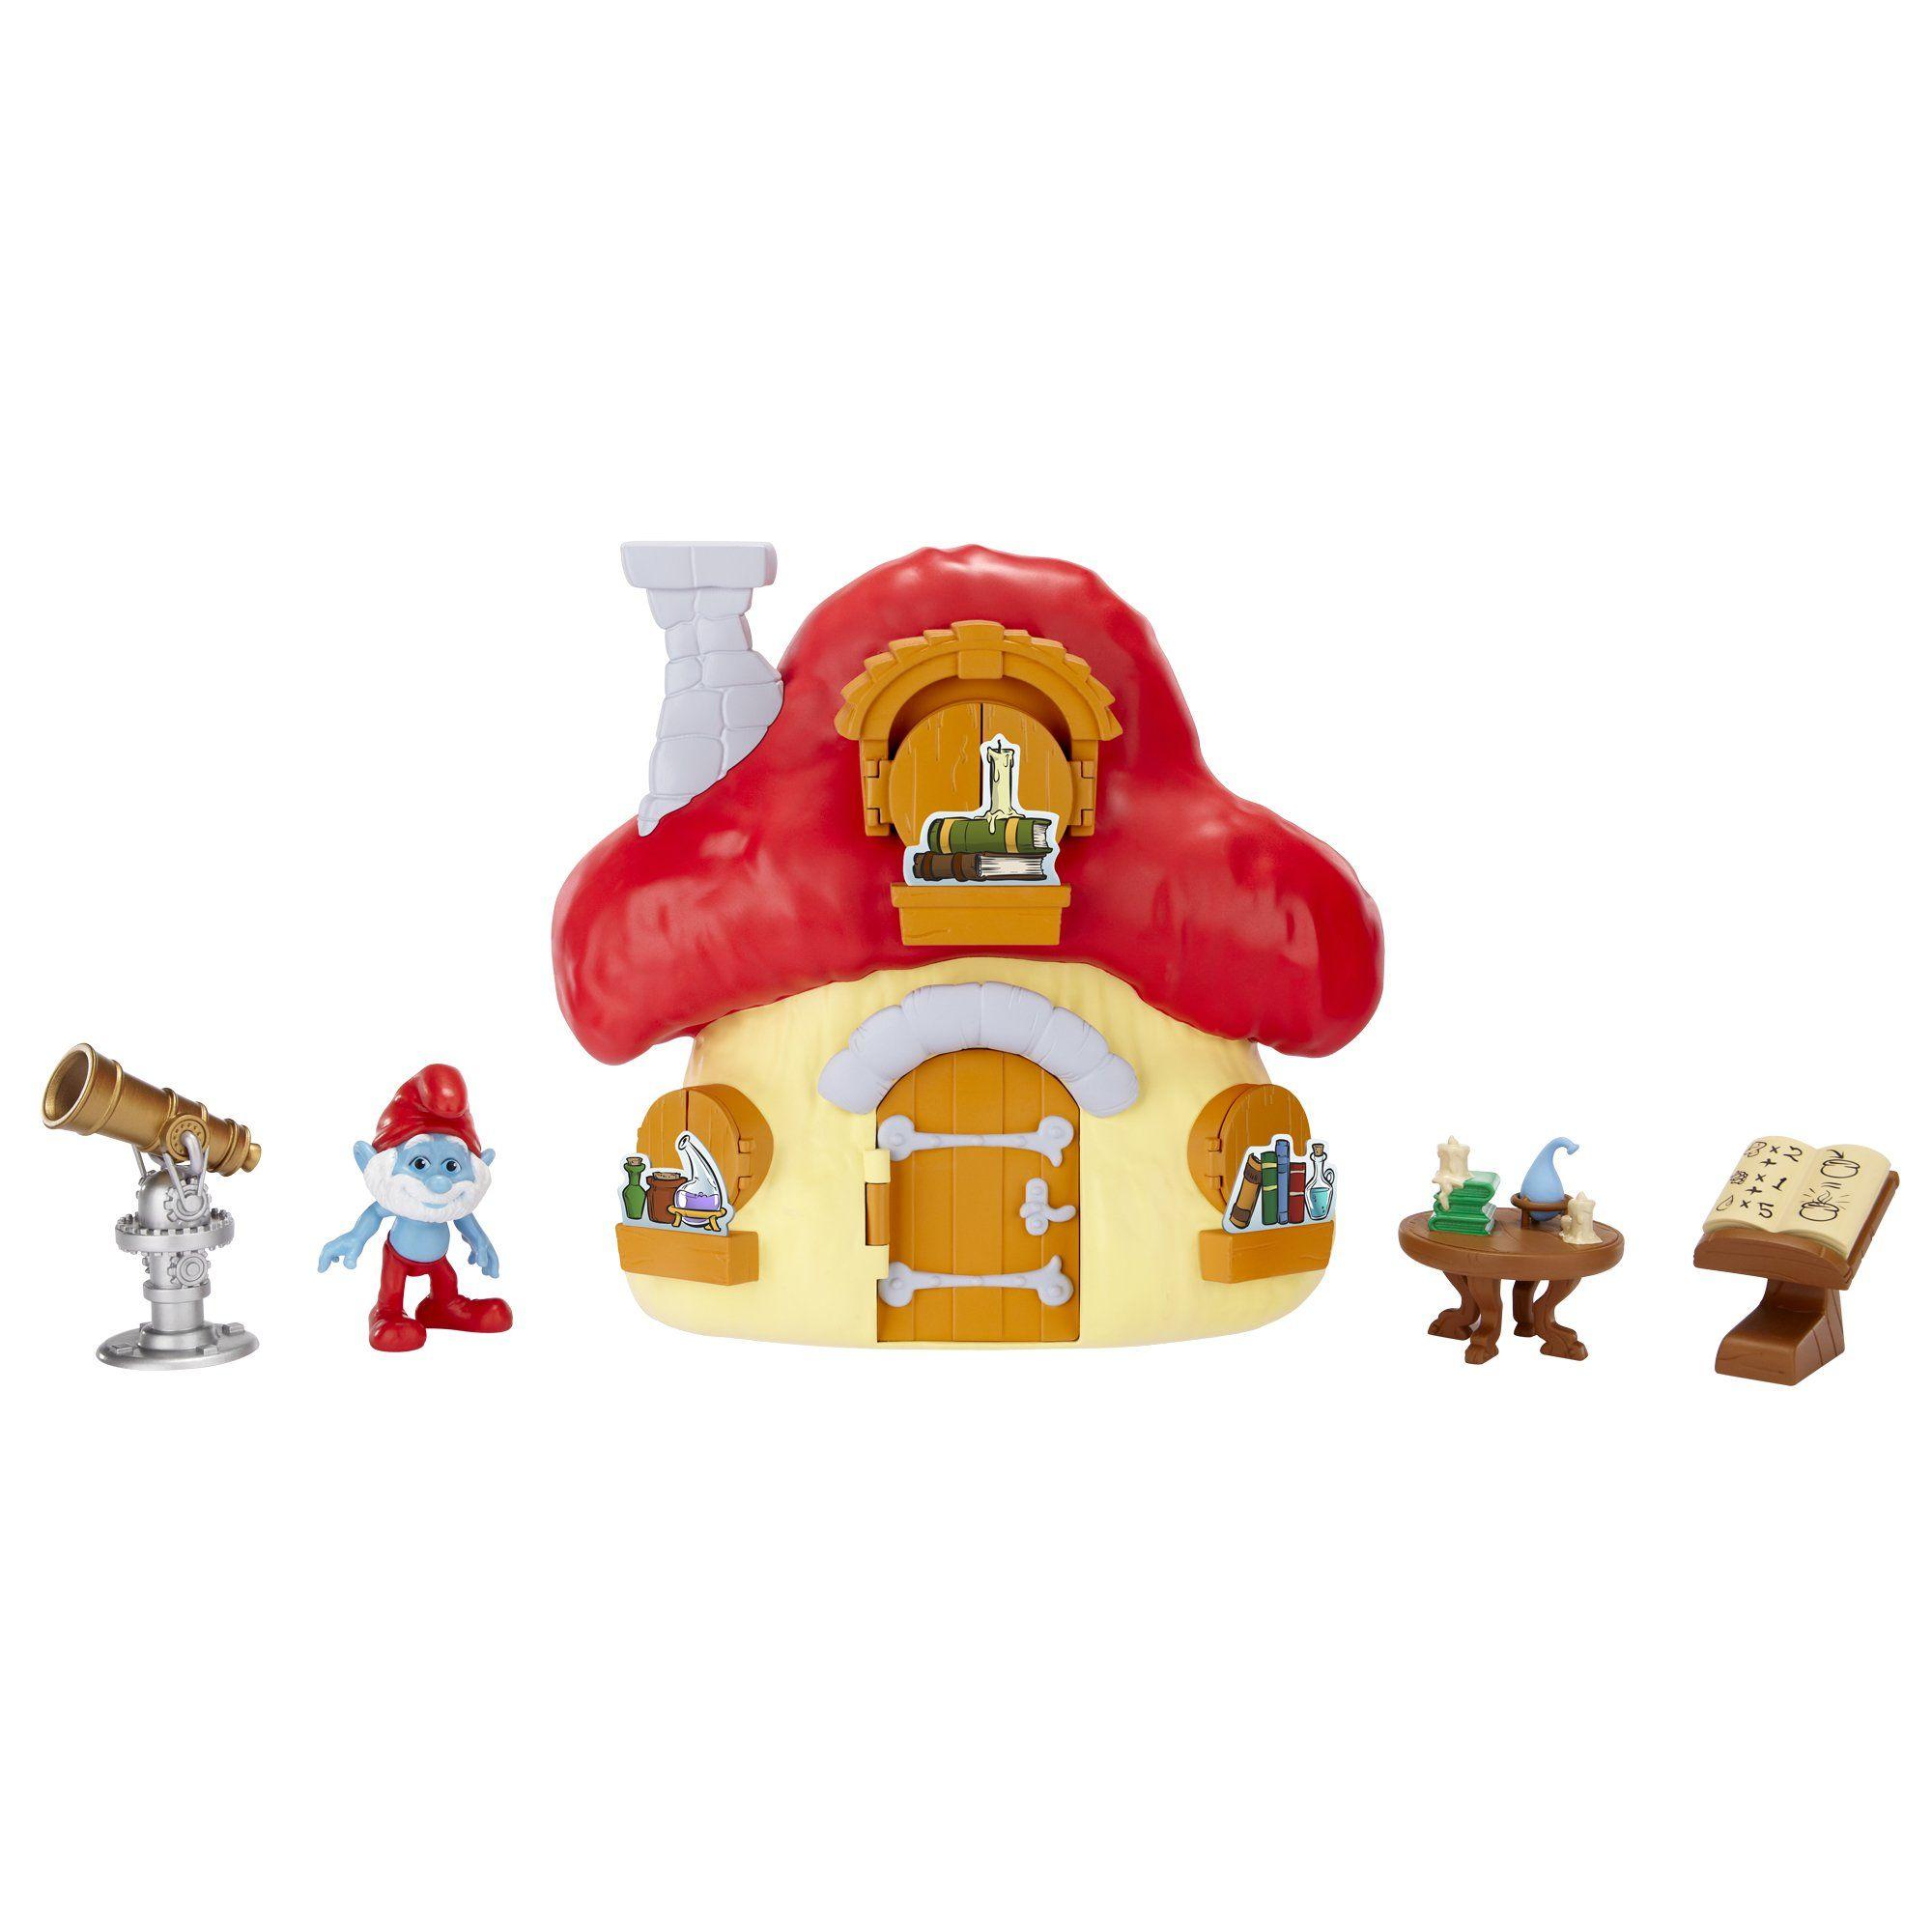 Amazon.com: Smurfs Mushroom House with Papa Smurf: Toys ...